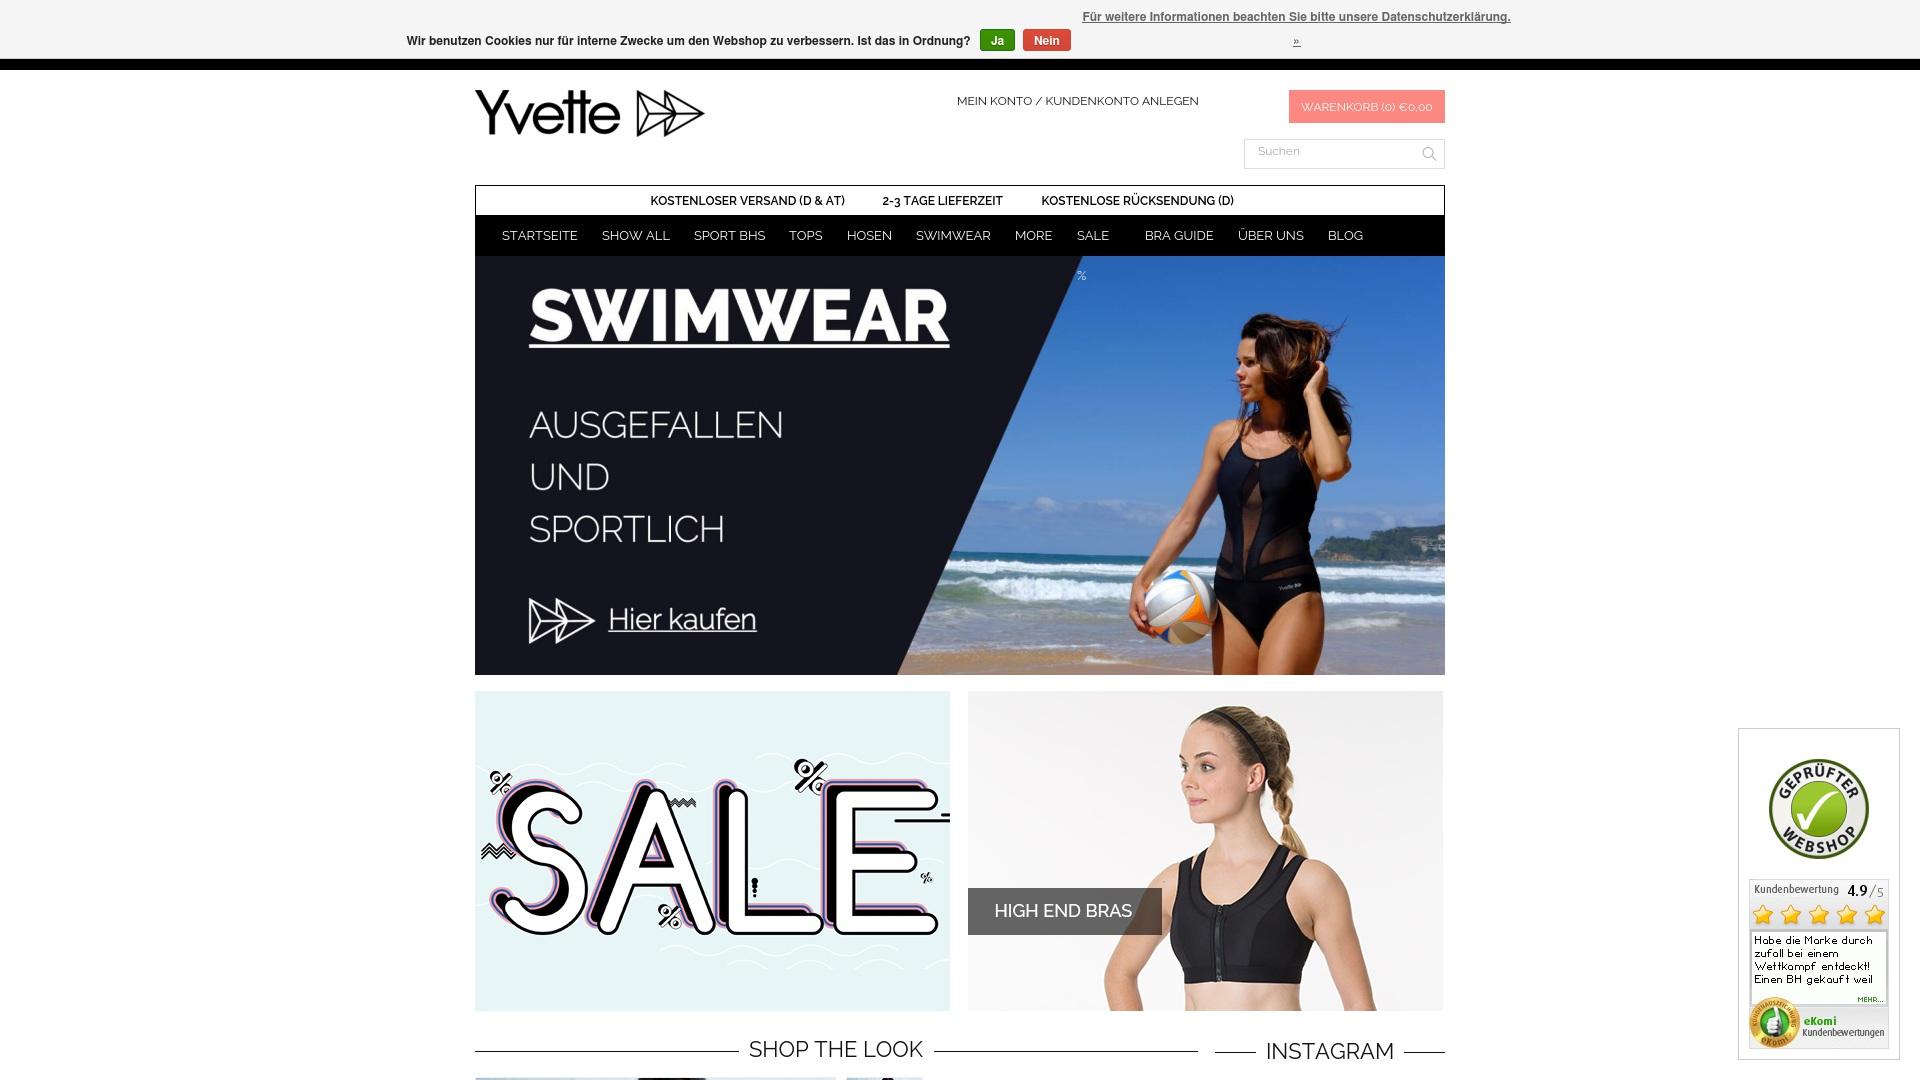 Gutschein für Yvettesports: Rabatte für  Yvettesports sichern